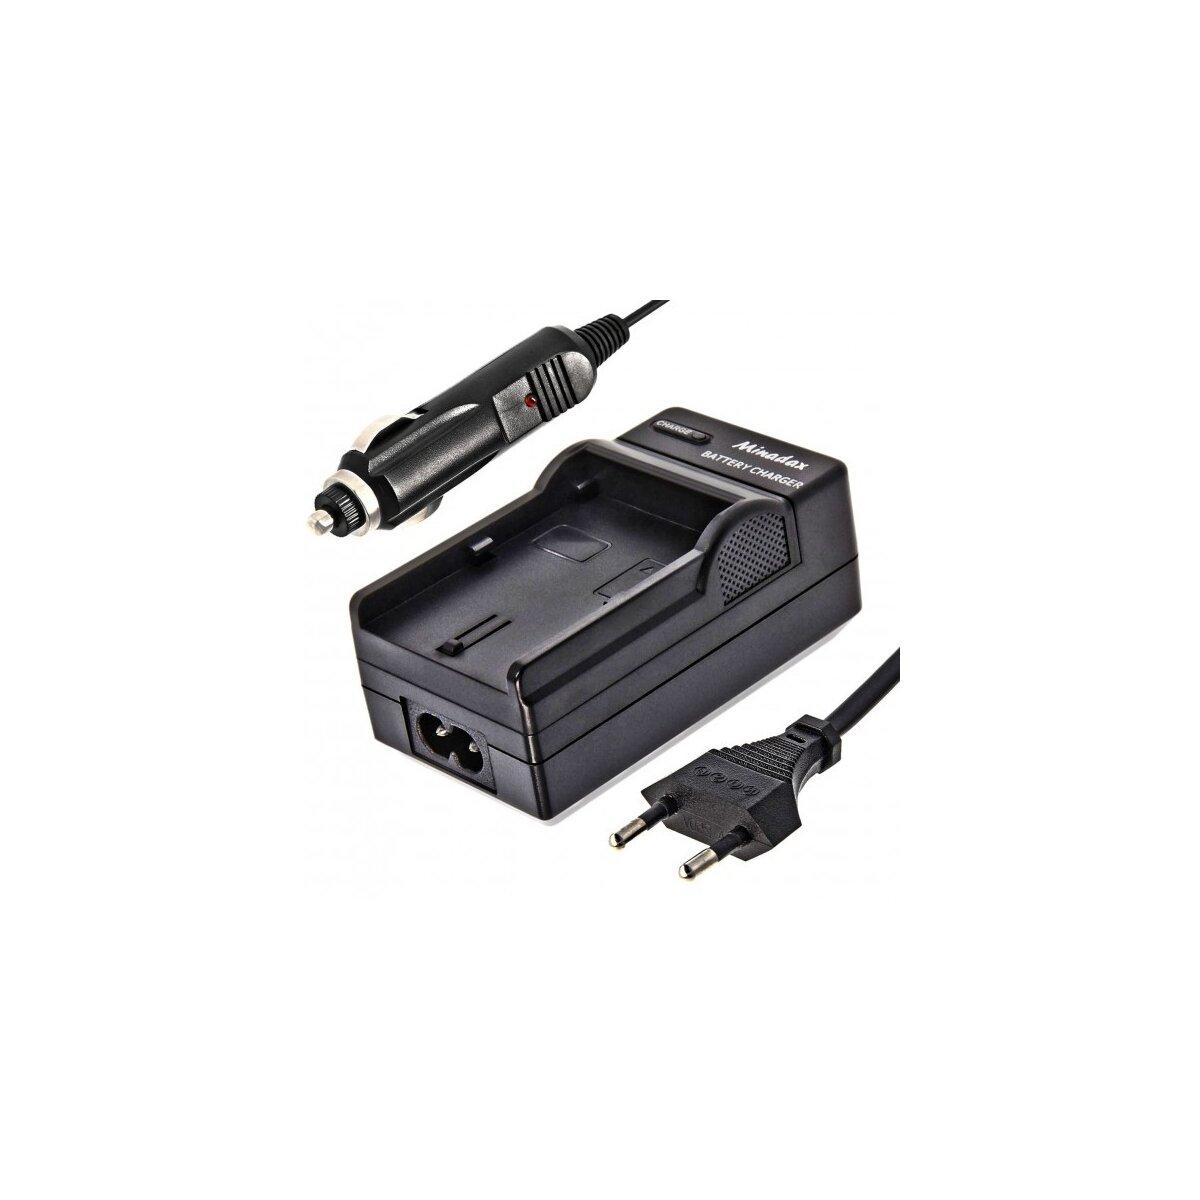 Minadax® Ladegerät 100% kompatibel für Panasonic DMW-BCG10E, DMW-BCF10E, DMW-BCJ13 inkl. Auto Ladekabel, Ladeschale austauschbar